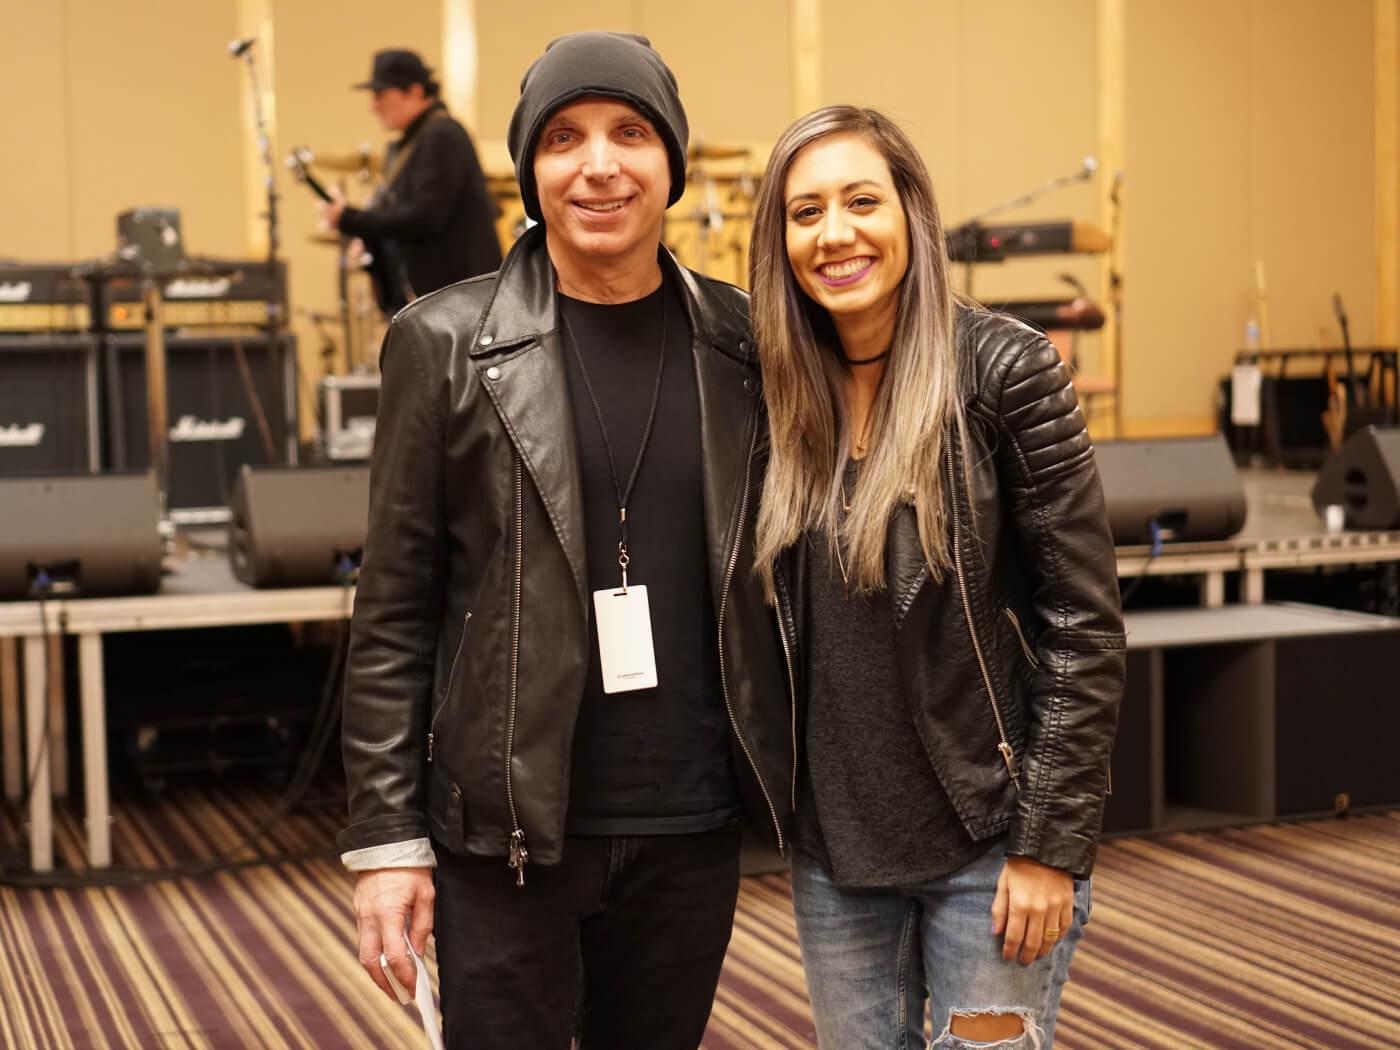 Joe Satriani and Lari Basilio